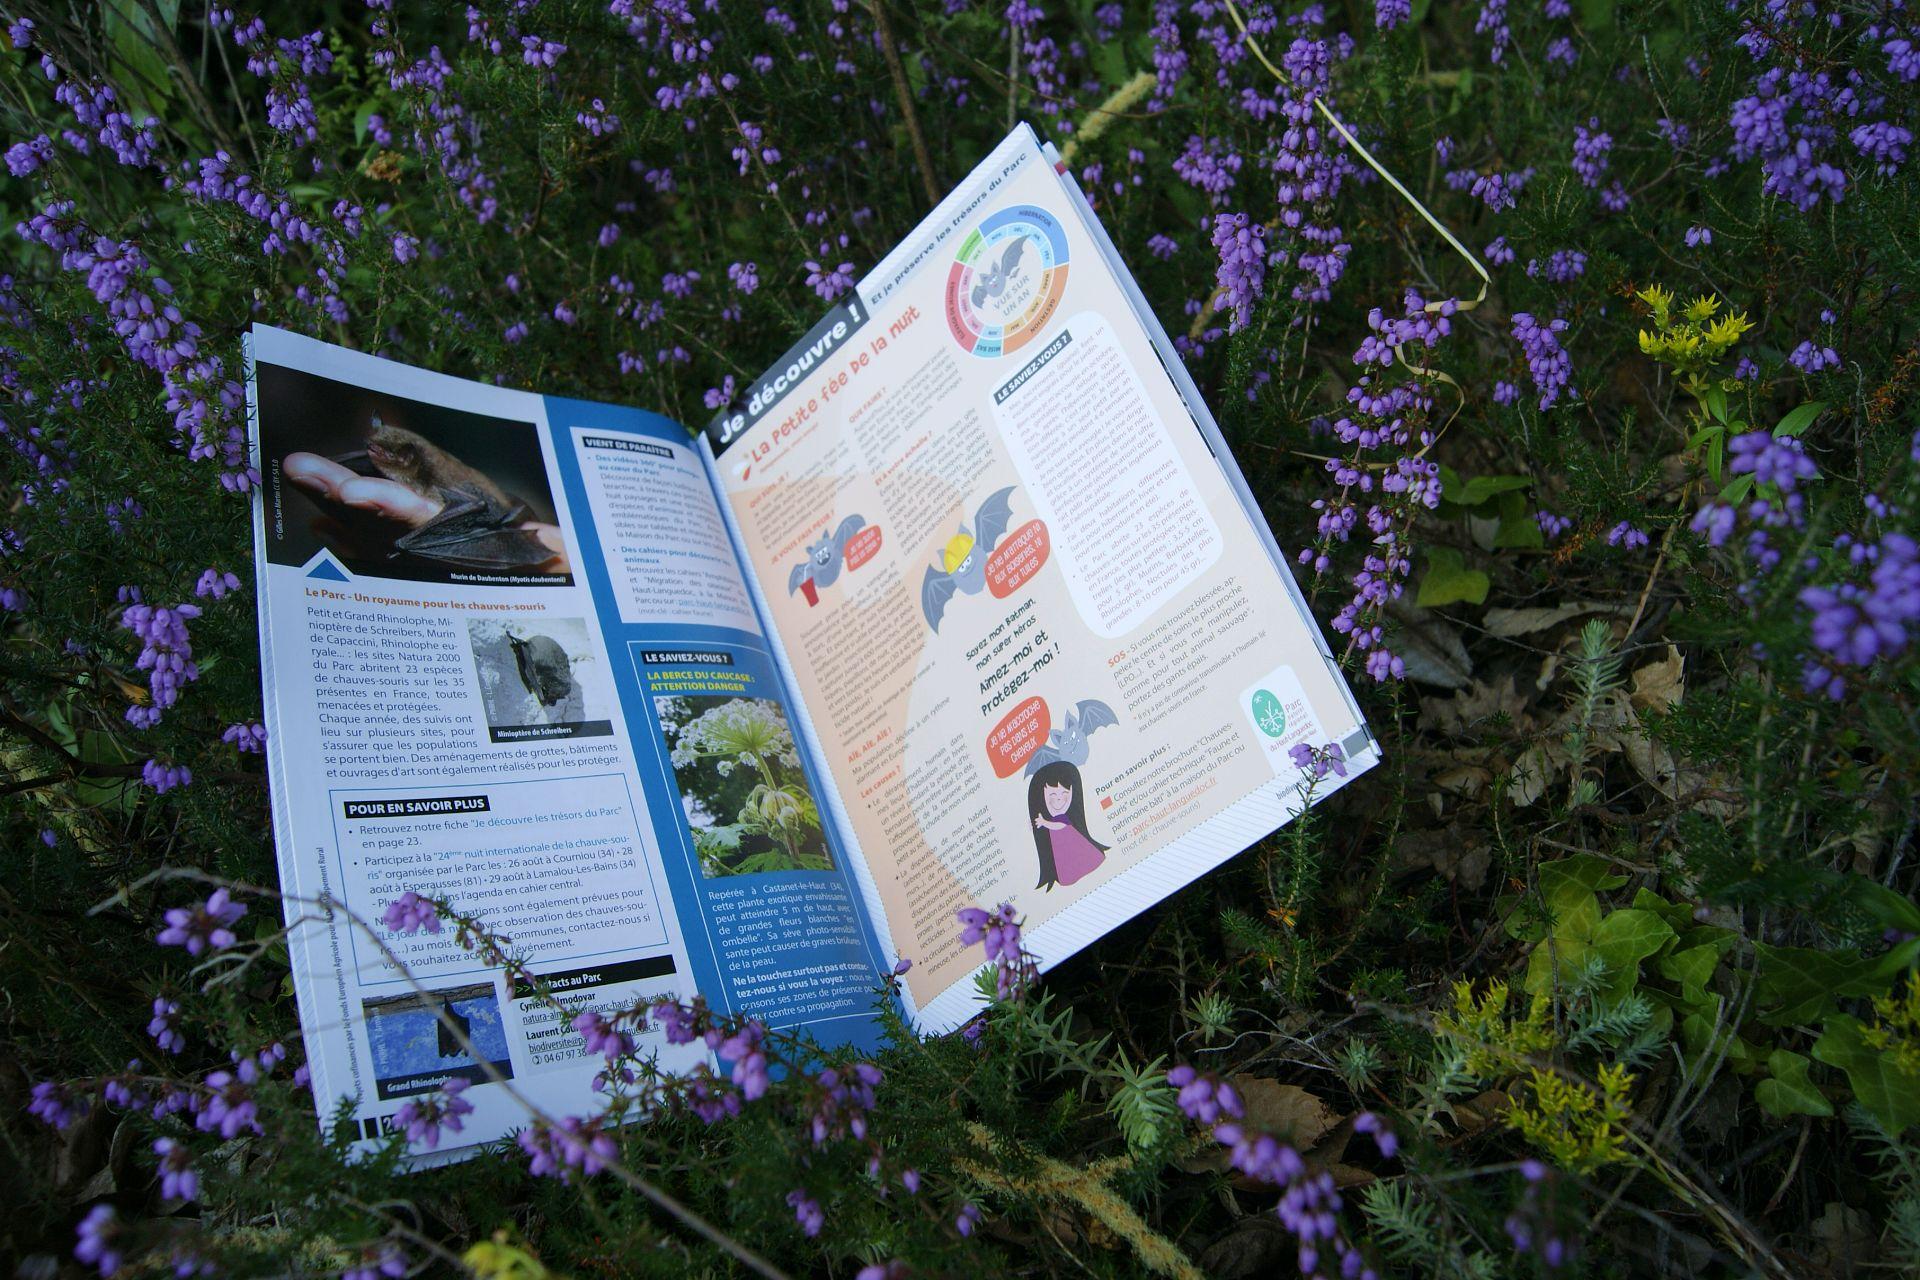 Journal du Parc naturel régional du Haut-Languedoc - Je découvre les trésors du Parc